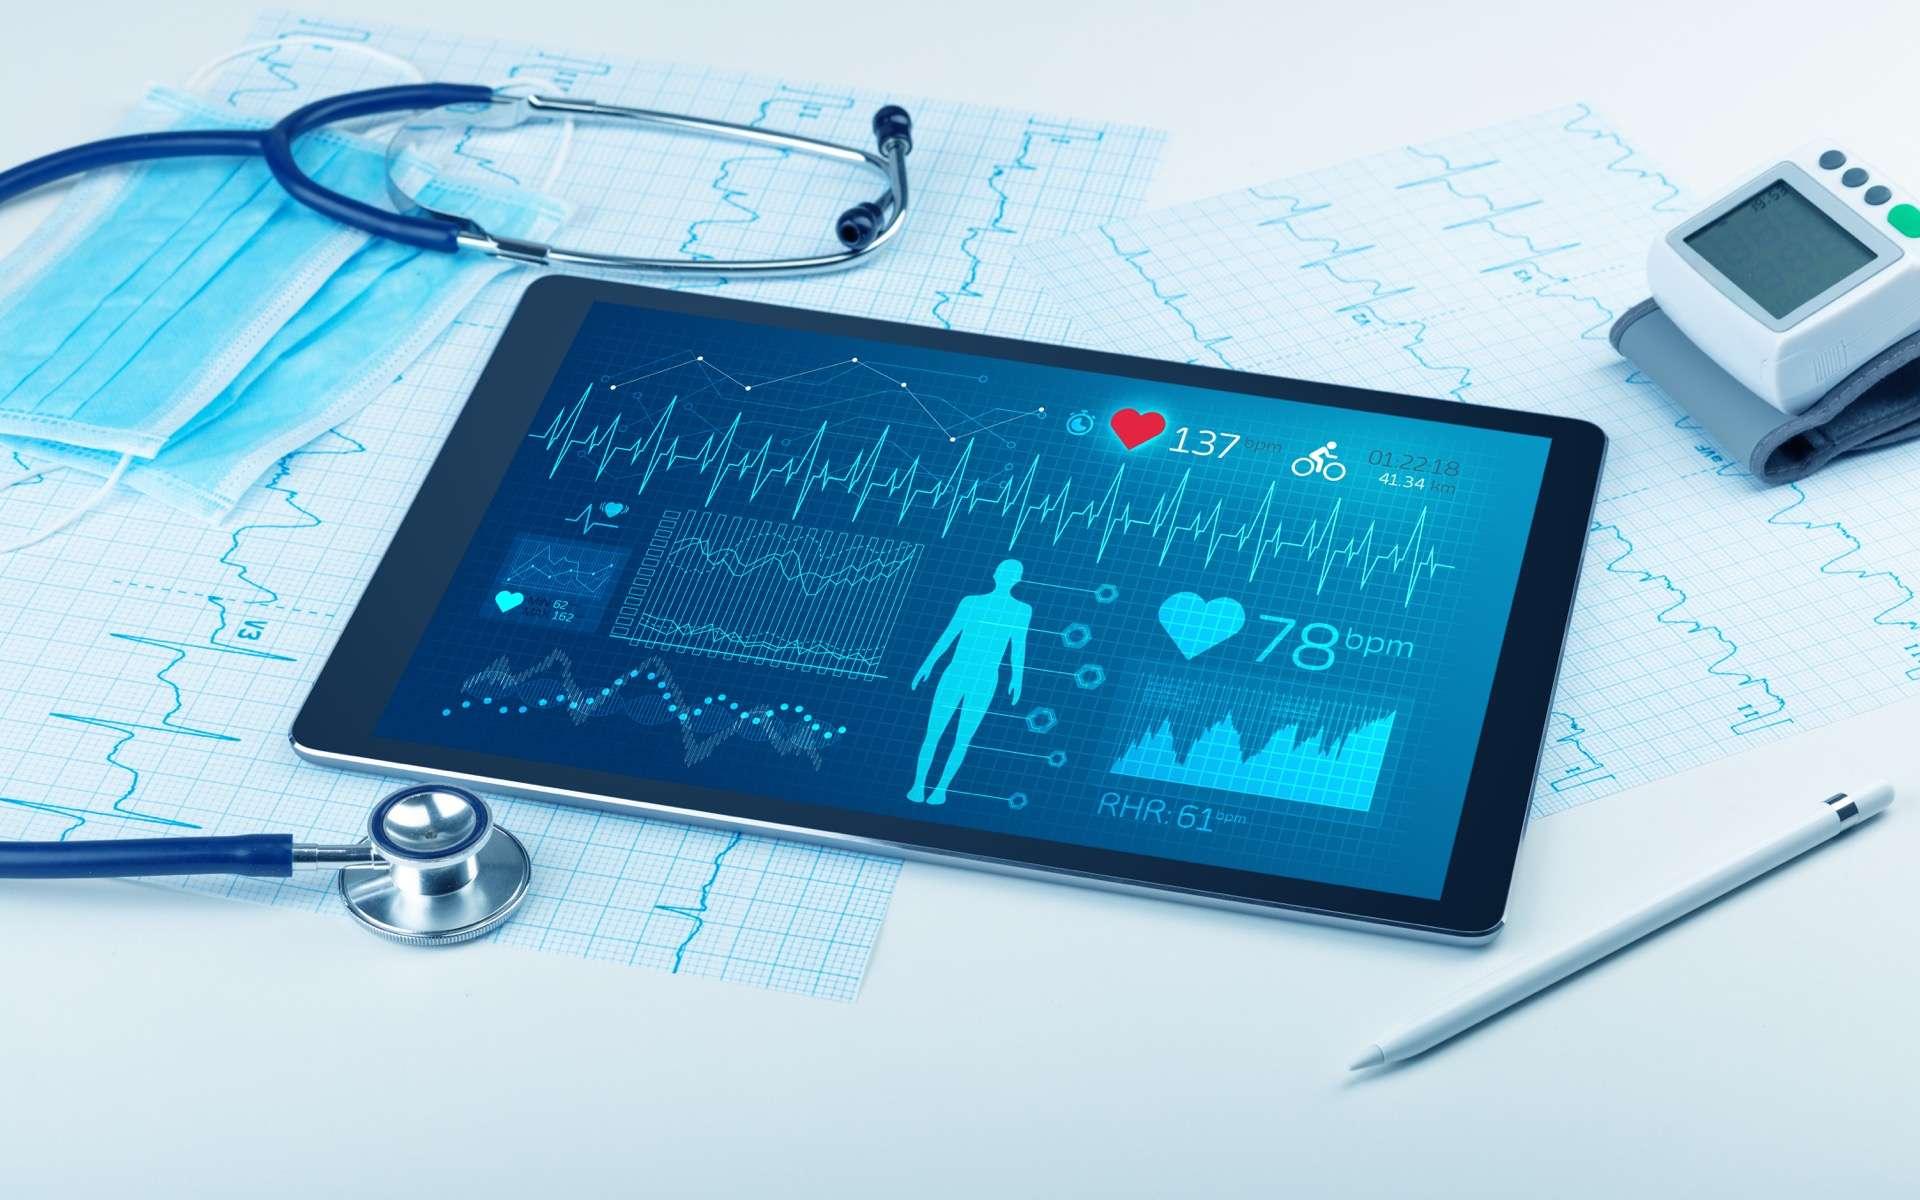 Avec CoviDIAB, les patients diabétiques confinés en période d'épidémie Covid-19 disposent d'une application nationale d'information, de prévention et d'accompagnement en ligne. © ra2 studio, Adobe Stock